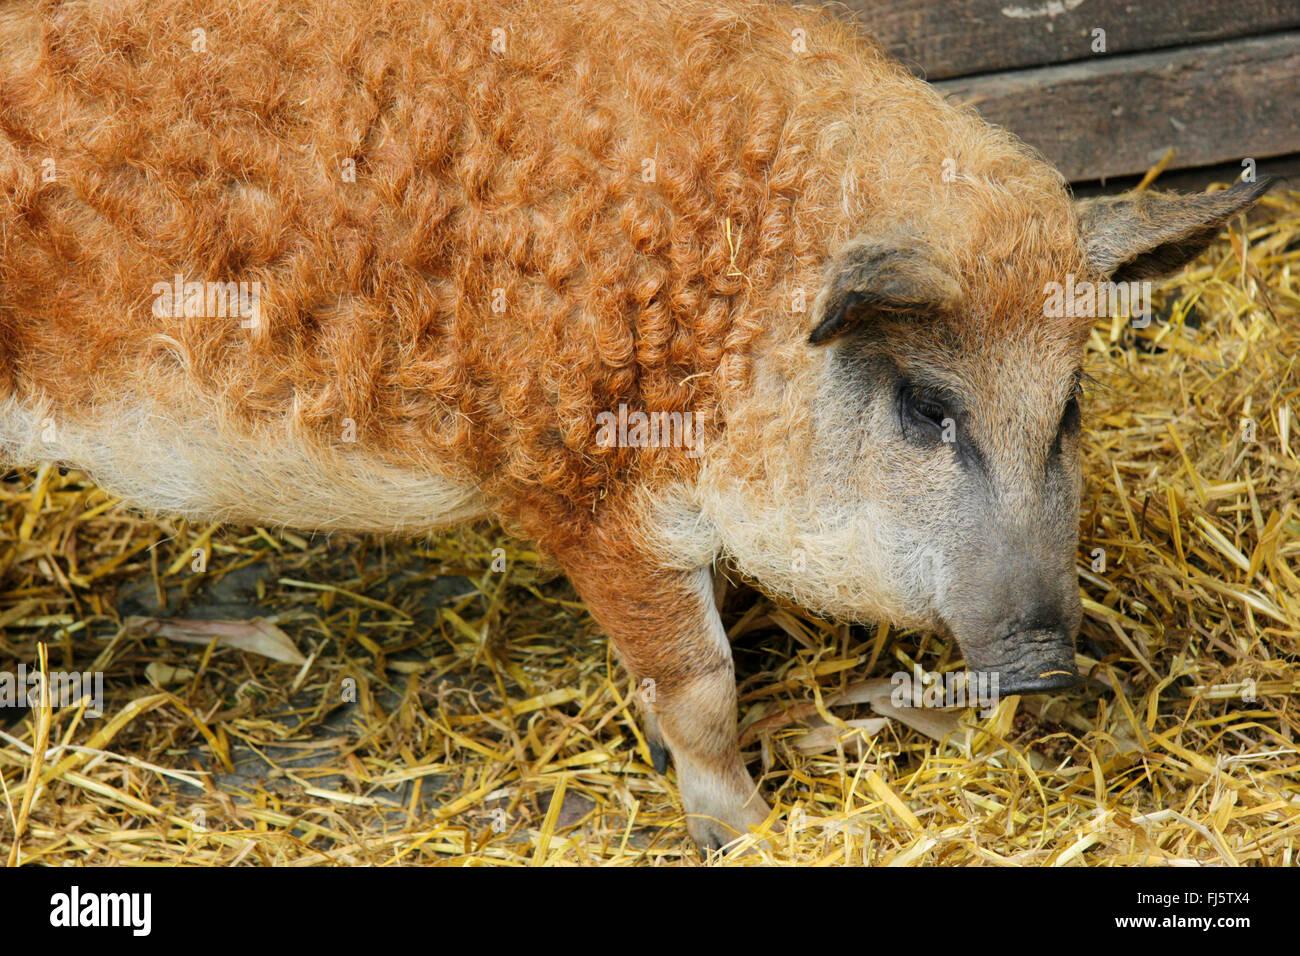 Cochons Laineux mangalitsa, mangalica, mangalitza, cochon laineux (sus scrofa